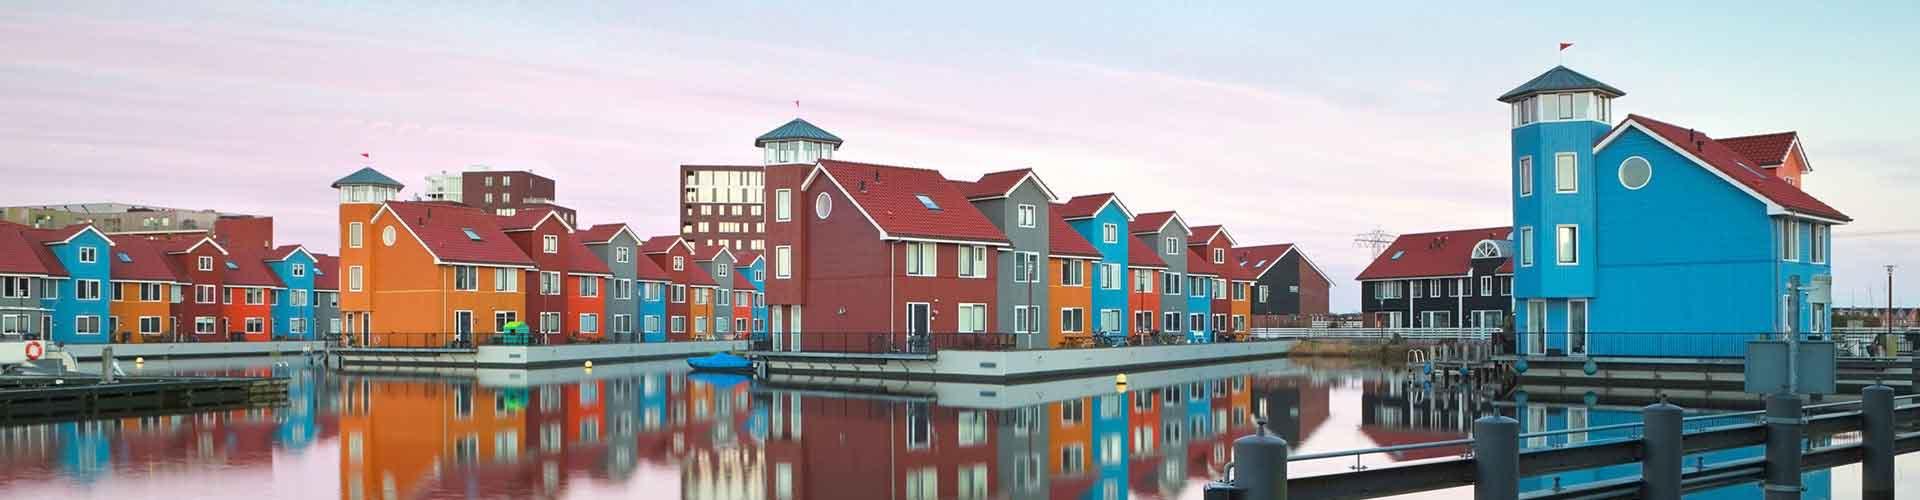 フローニンゲン – ホステル フローニンゲン. 地図 フローニンゲン, すべてのホステルの写真とレビュー フローニンゲン.